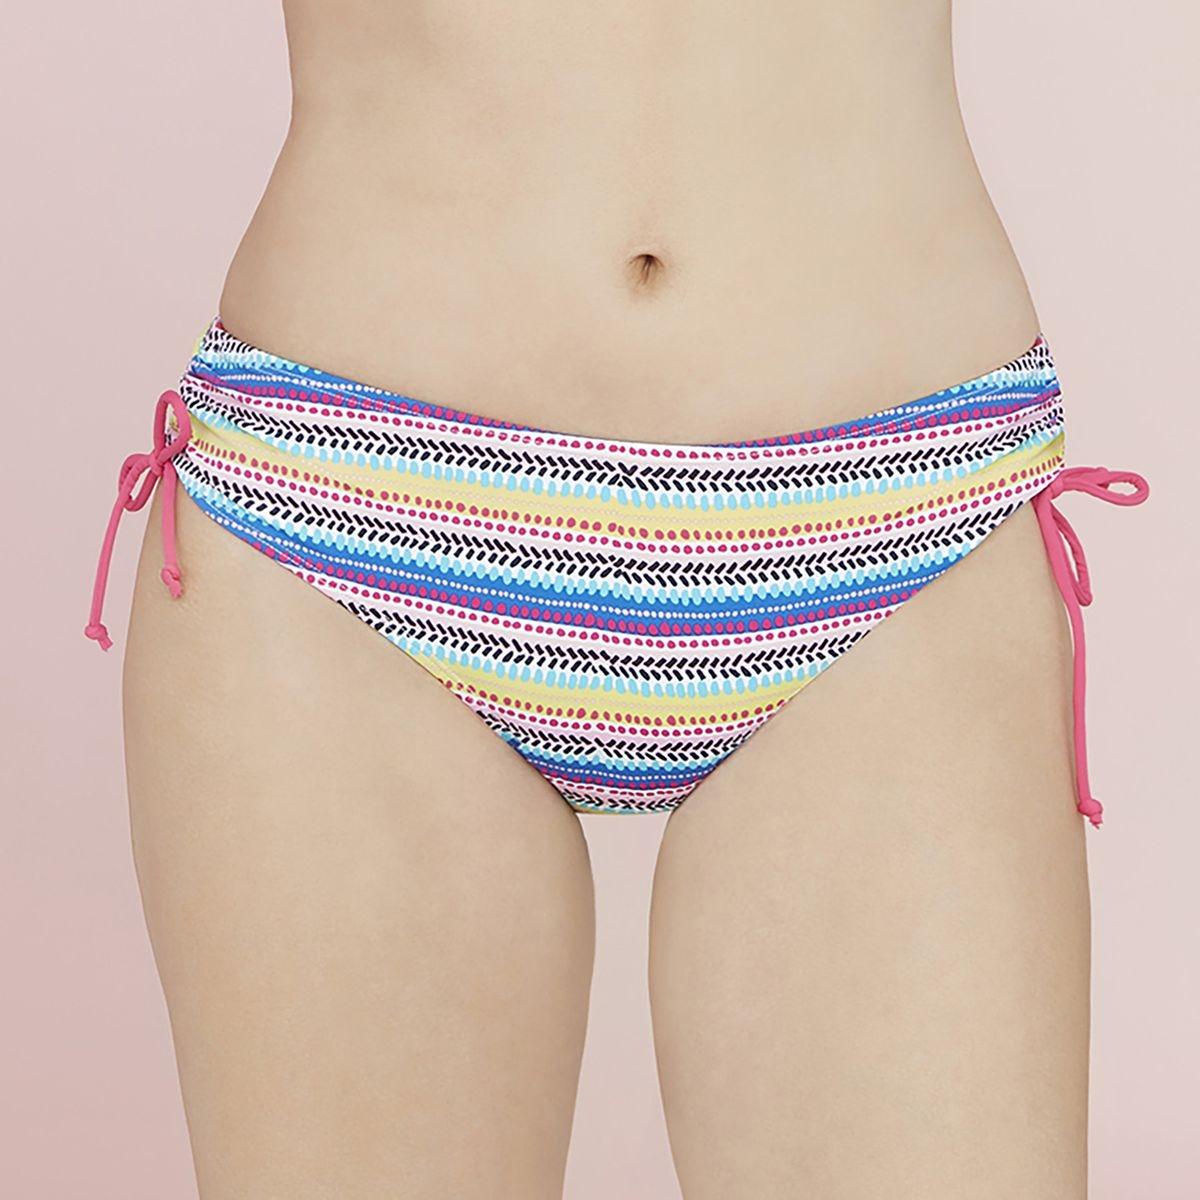 Bas de maillot de bain culotte Ixtapa